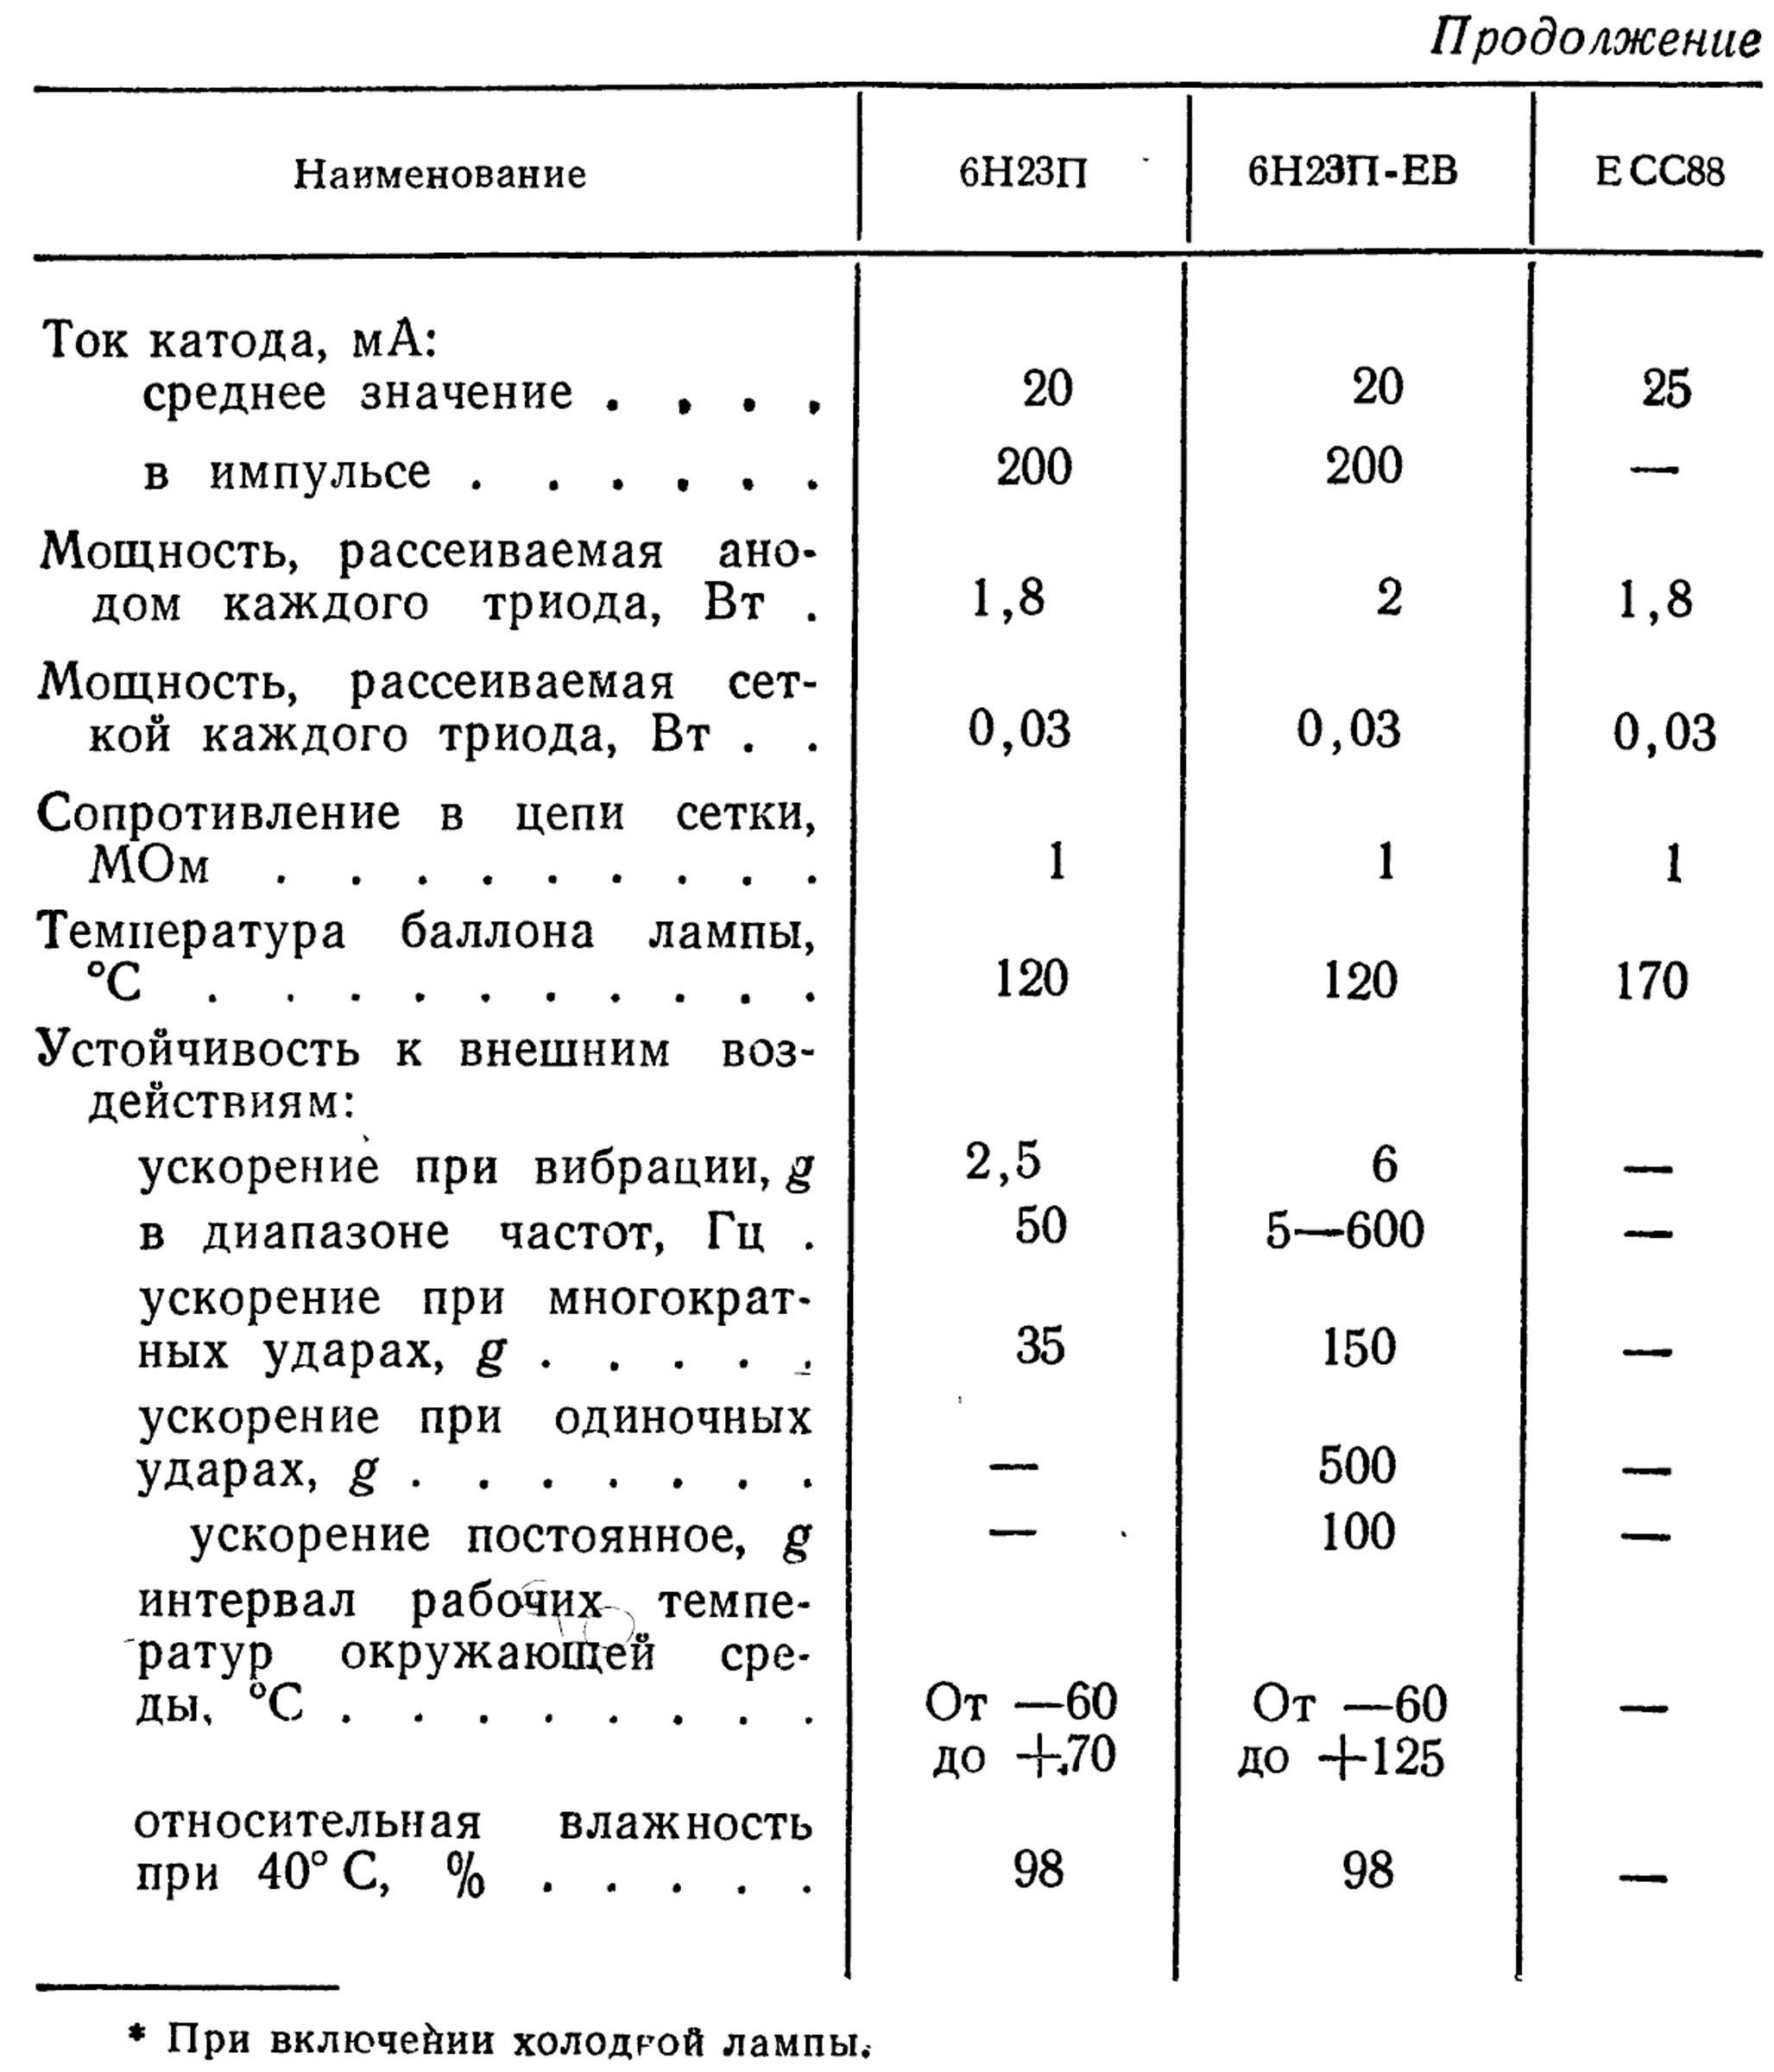 Параметры радиоламп 6Н23П, 6Н23П-ЕВ, ECC88